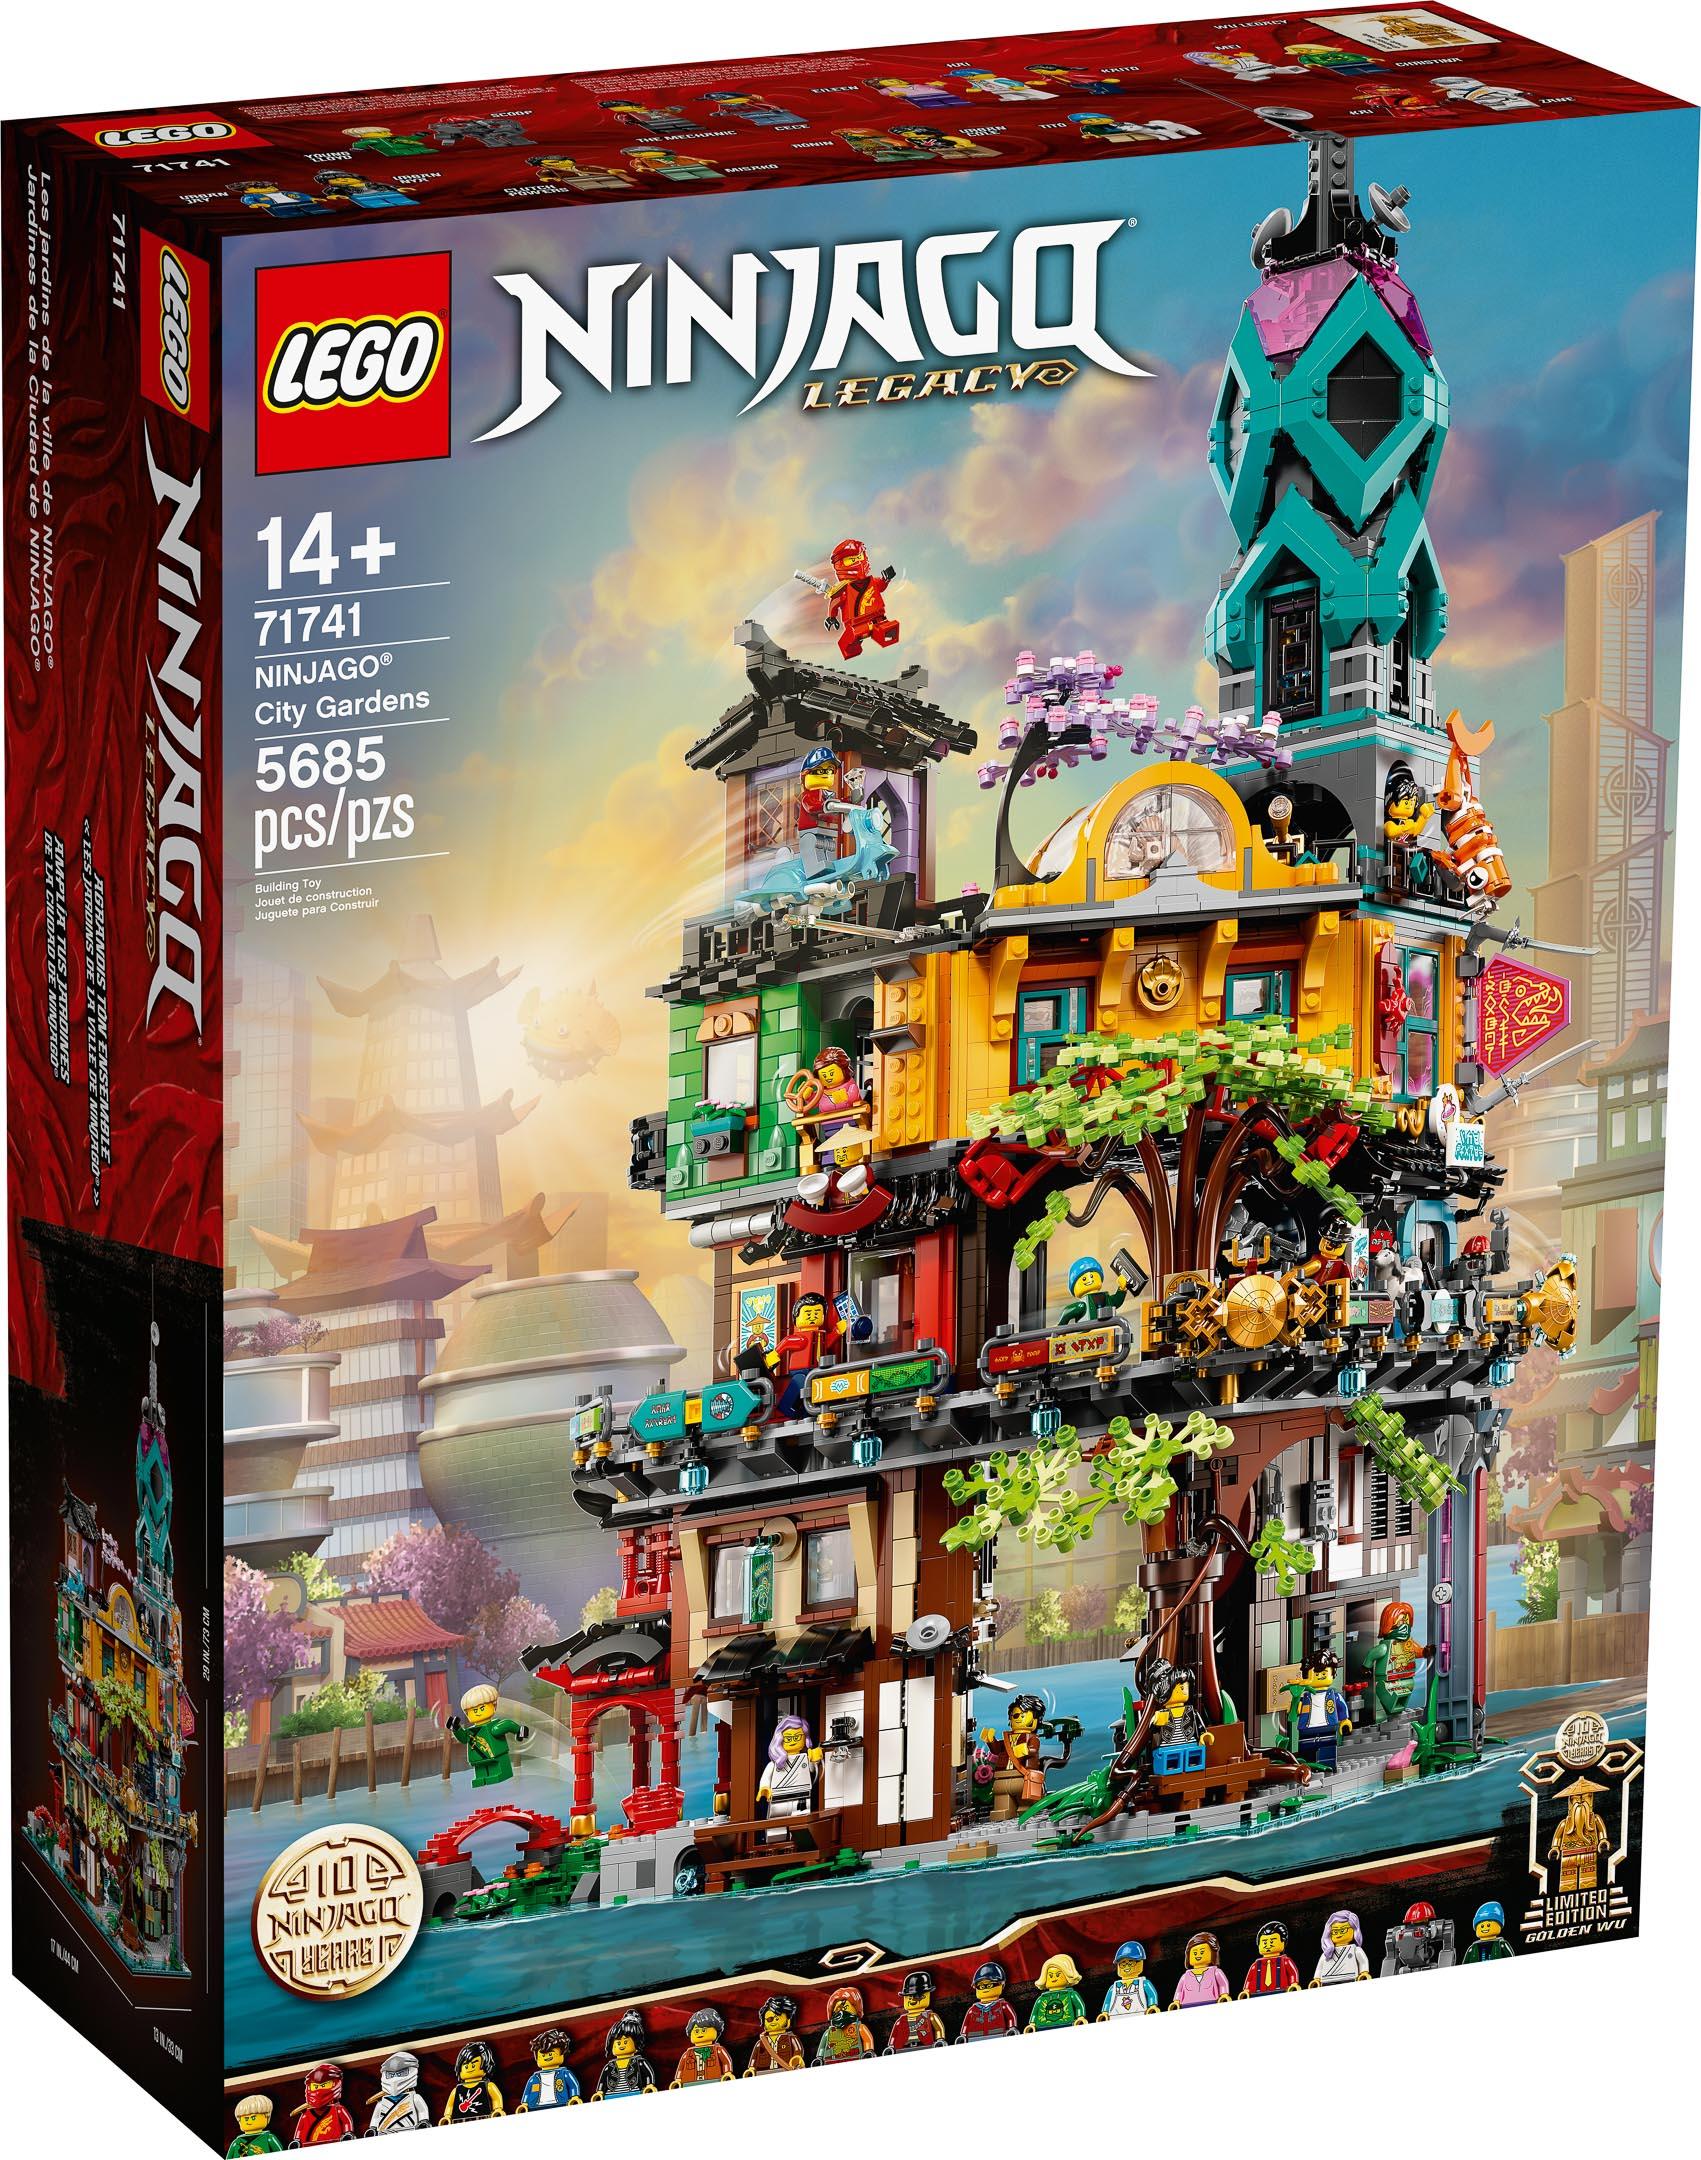 LEGO 71741 Ninjago City Gardens (1)